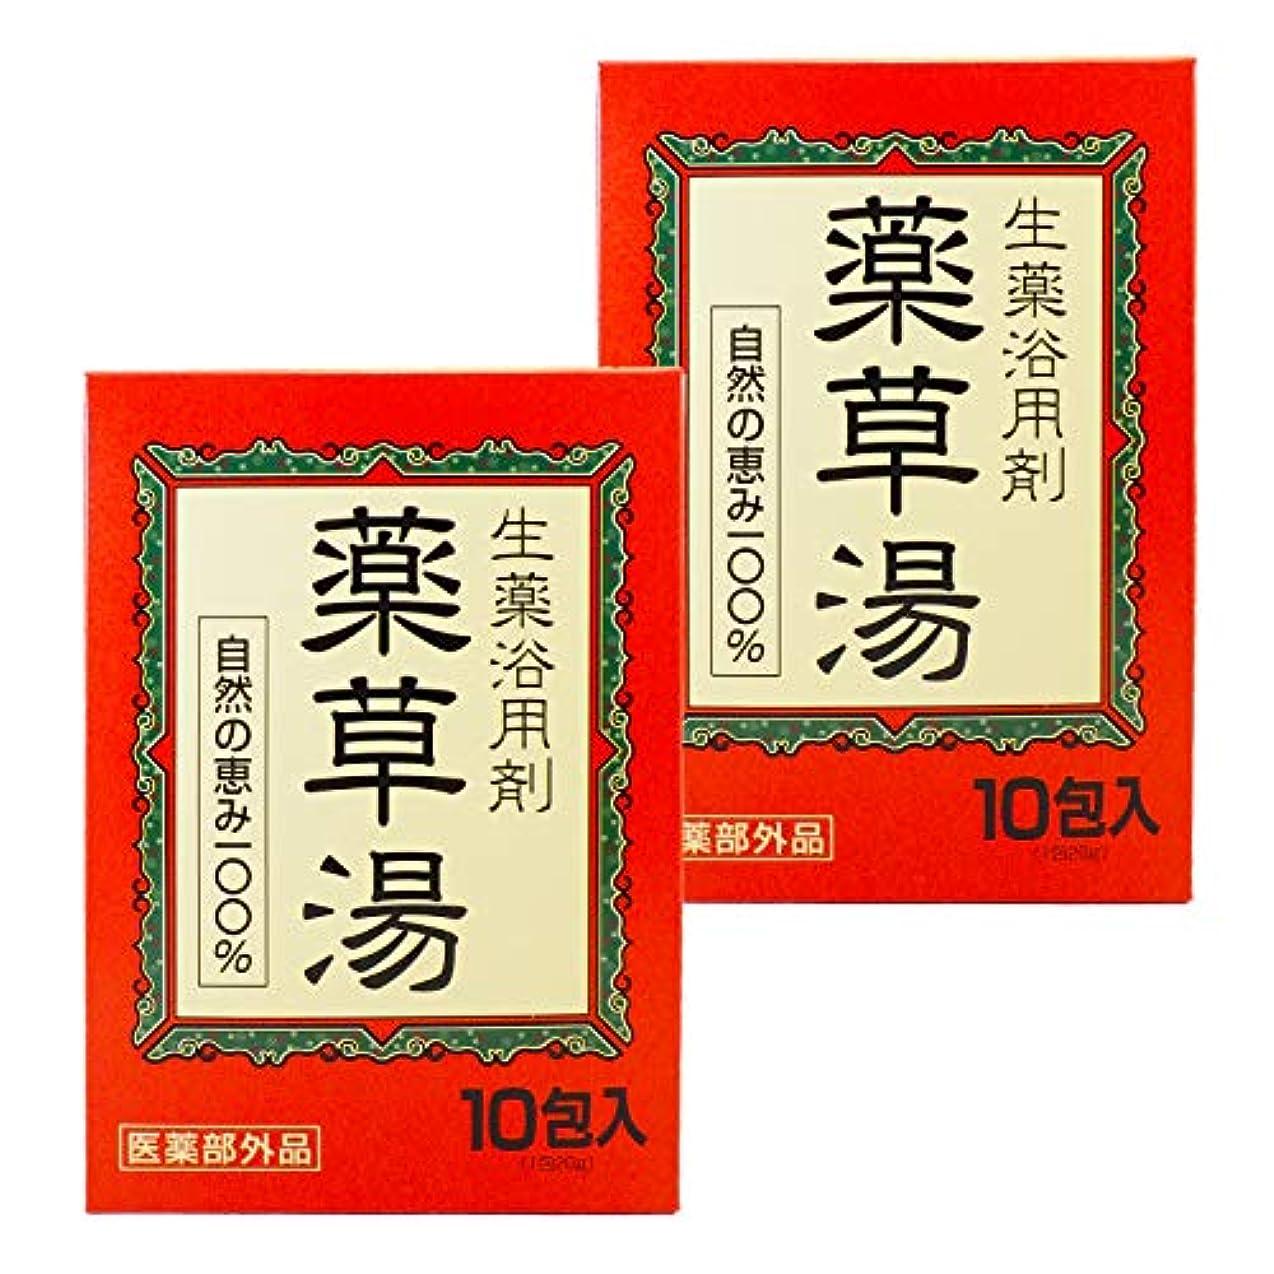 バランスのとれた男性南極【まとめ買い】 薬草湯 生薬浴用剤 10包入×2個 自然のめぐみ100% 医薬部外品